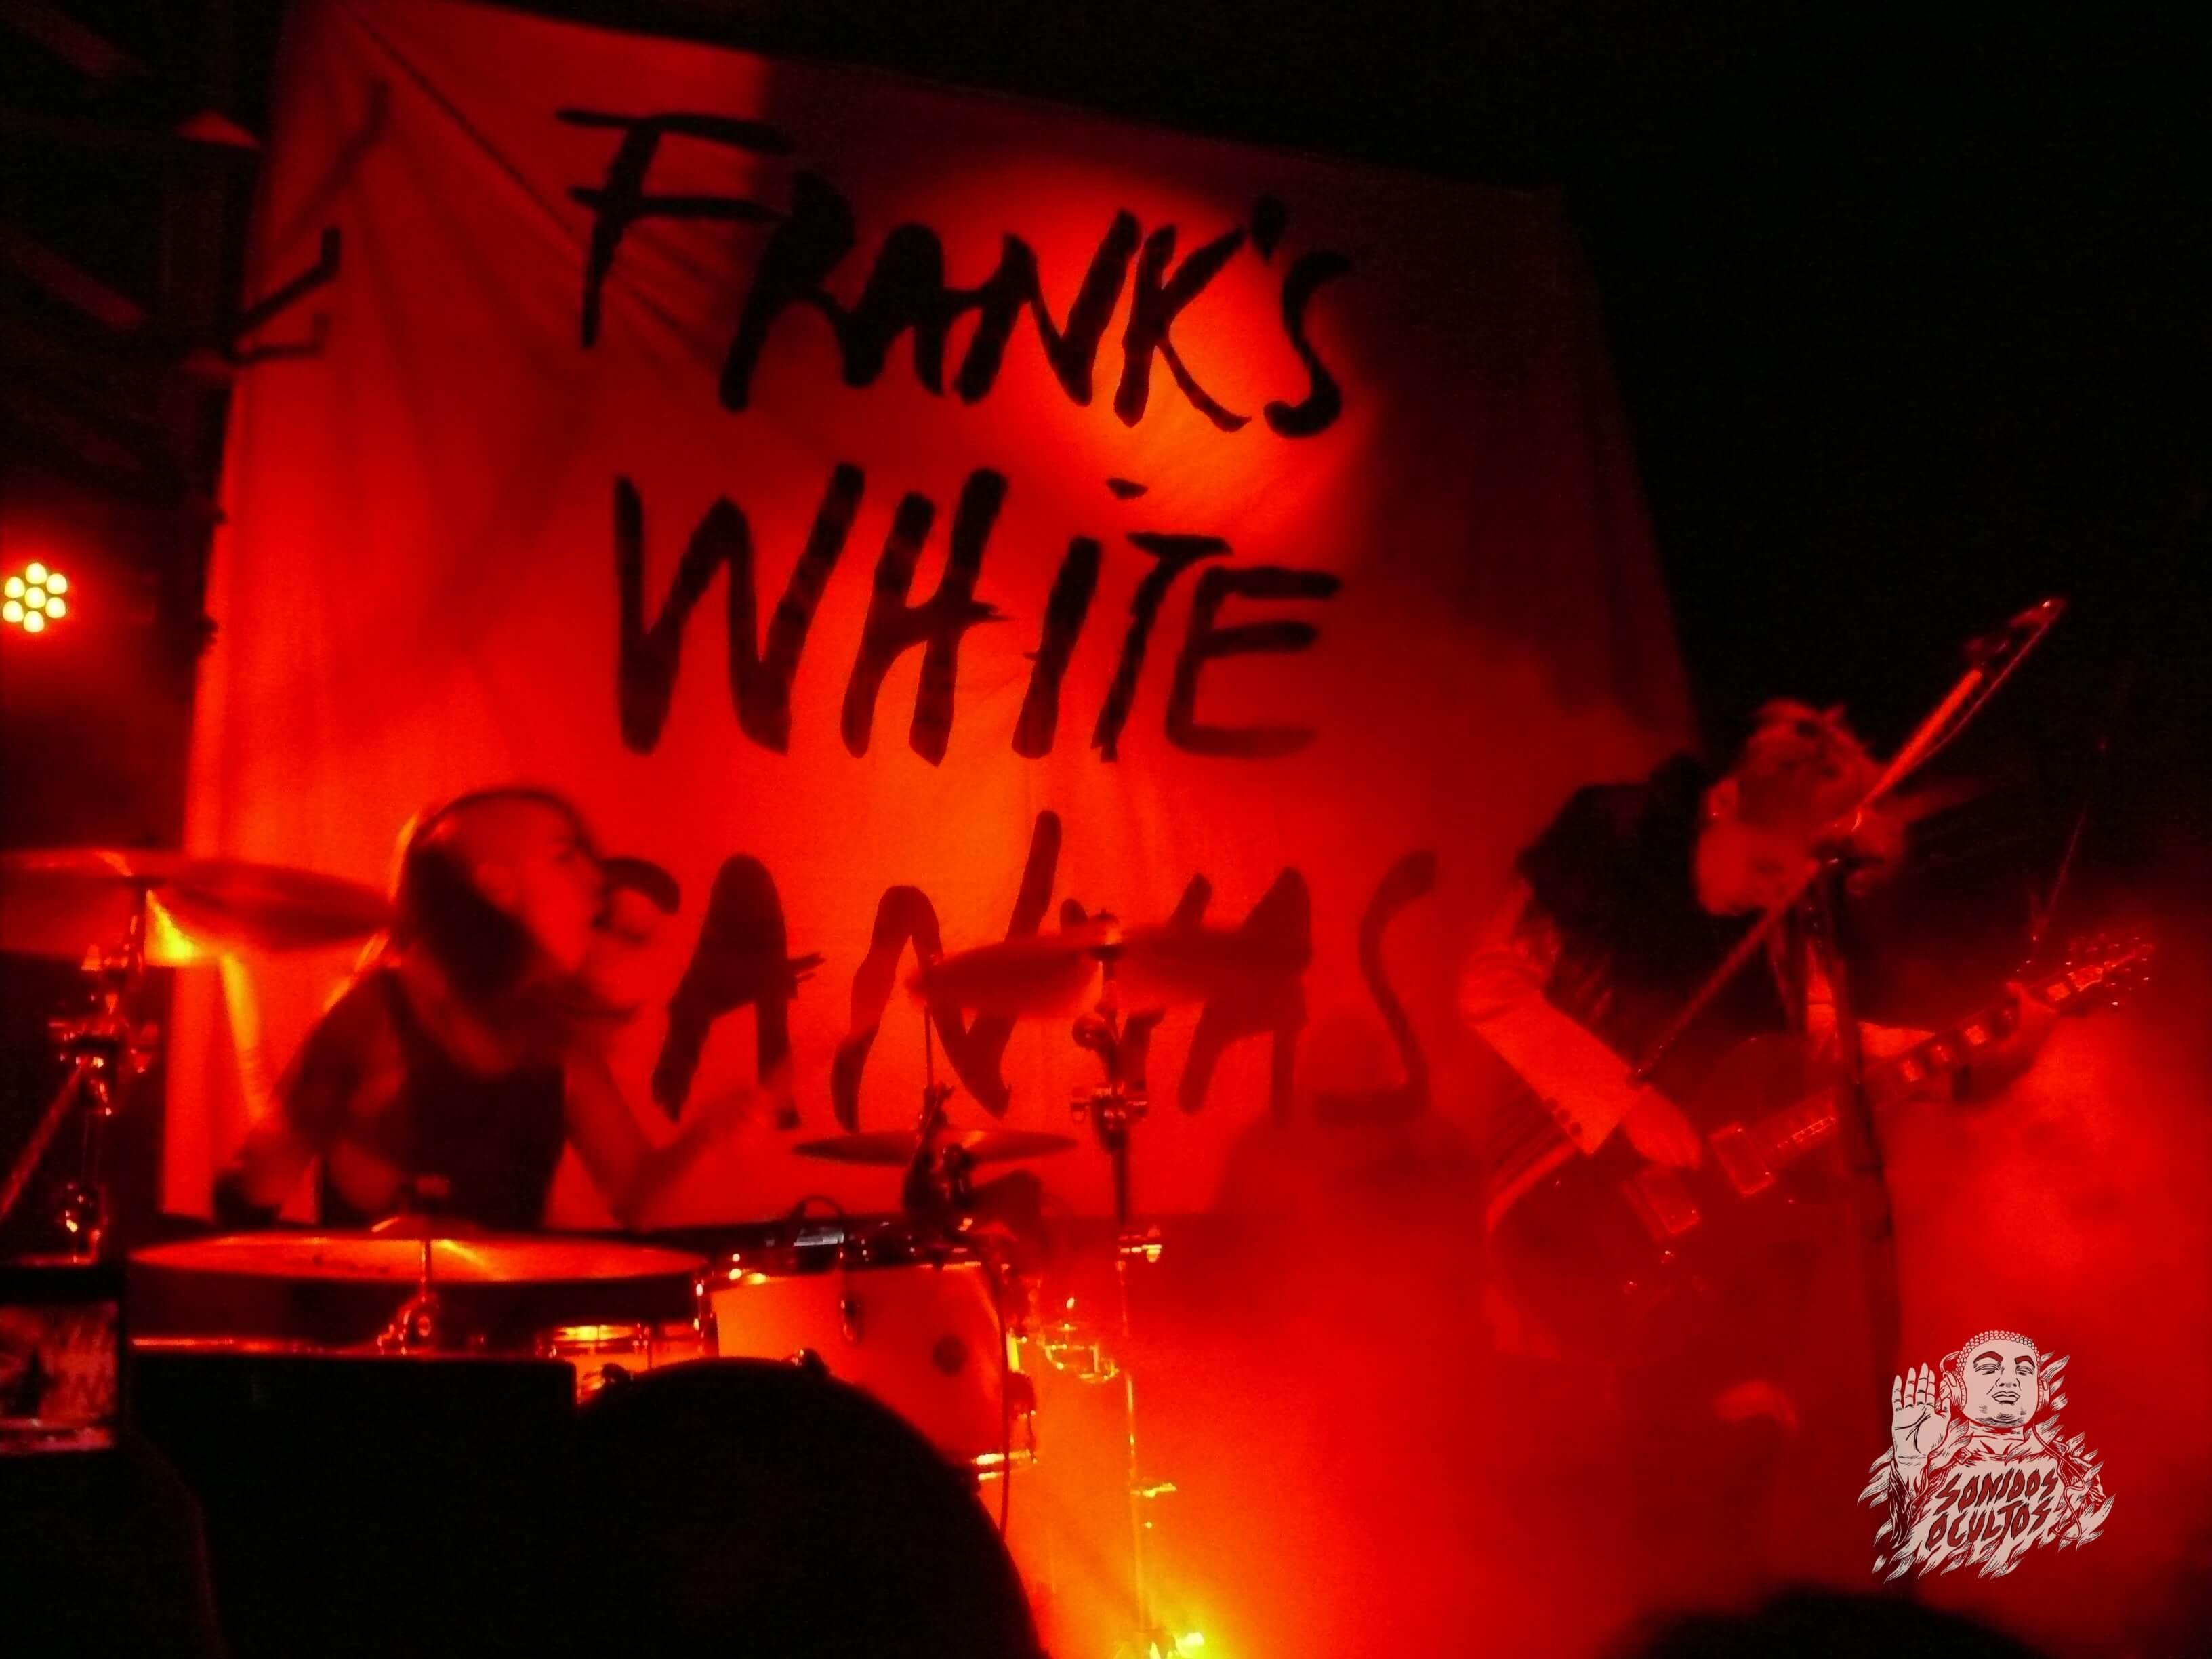 Frank´s White Canvas, se suma a celebración de 21 años de Bar de René